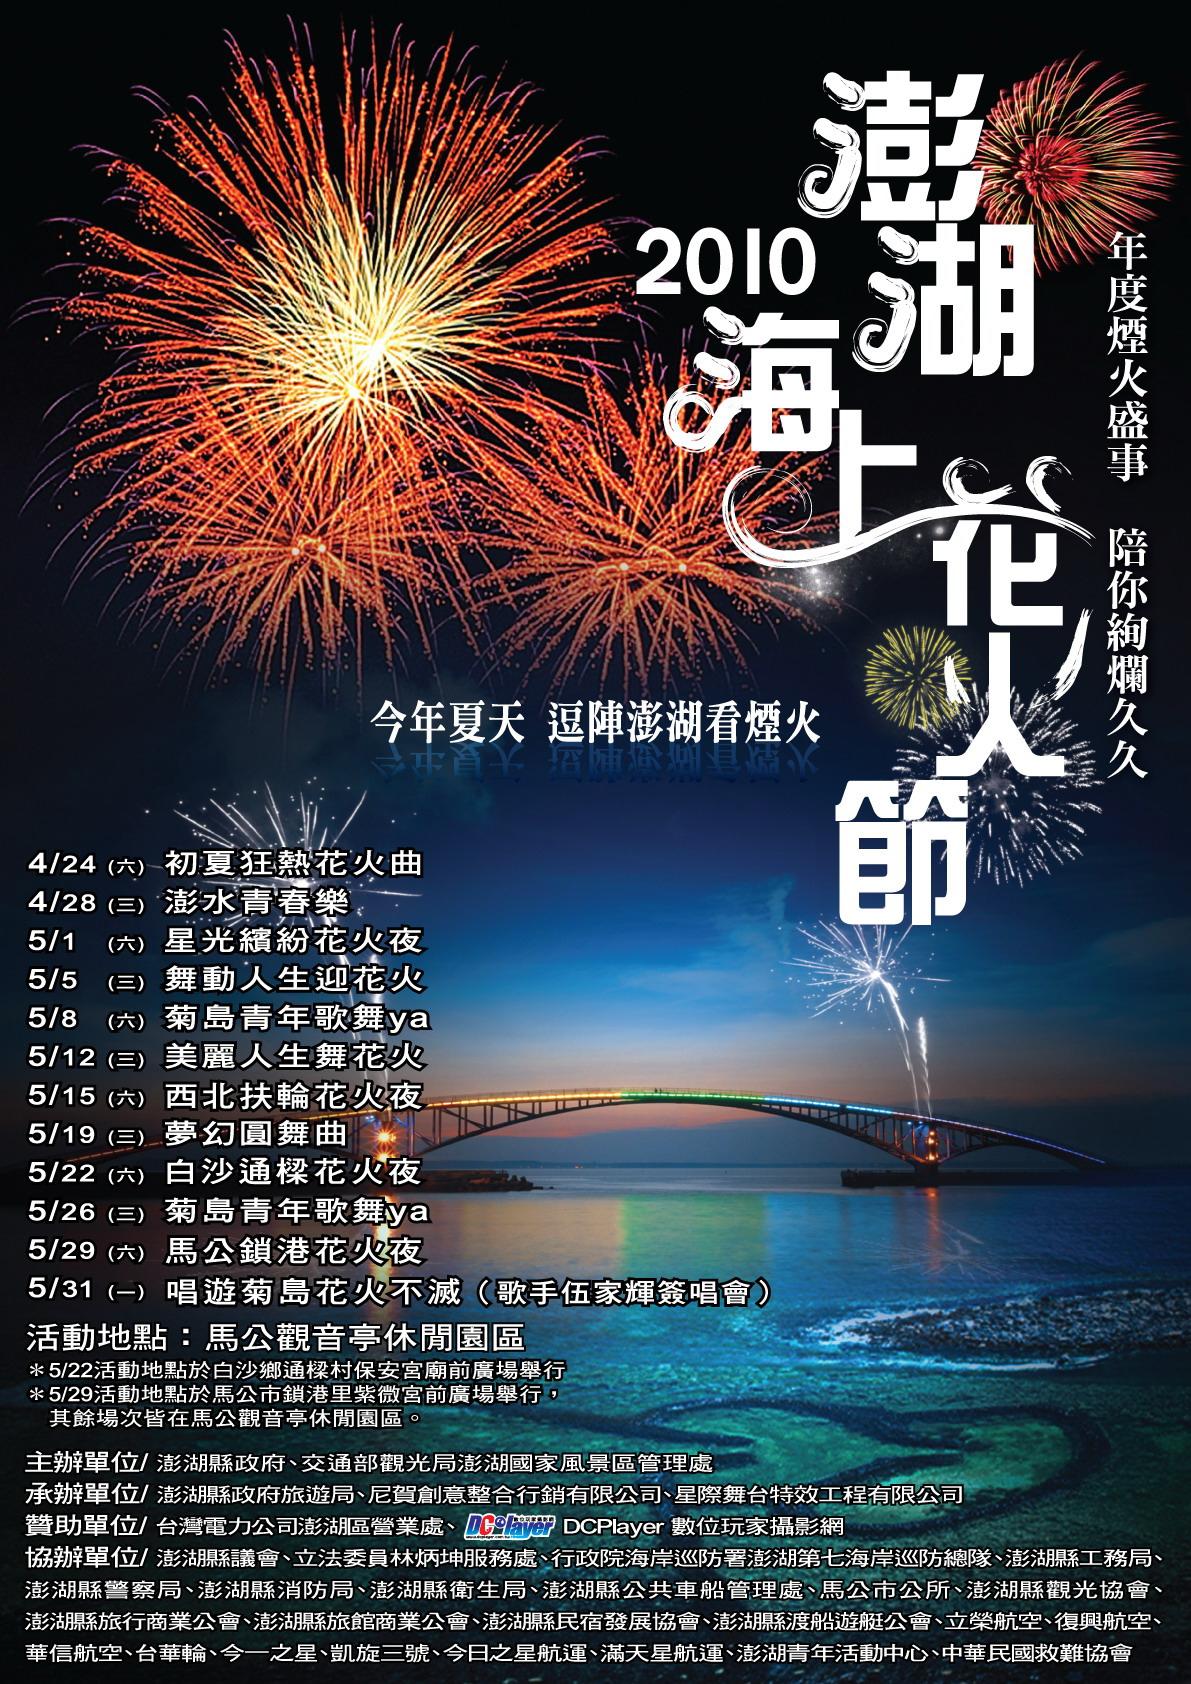 2010澎湖花火節海報.jpg